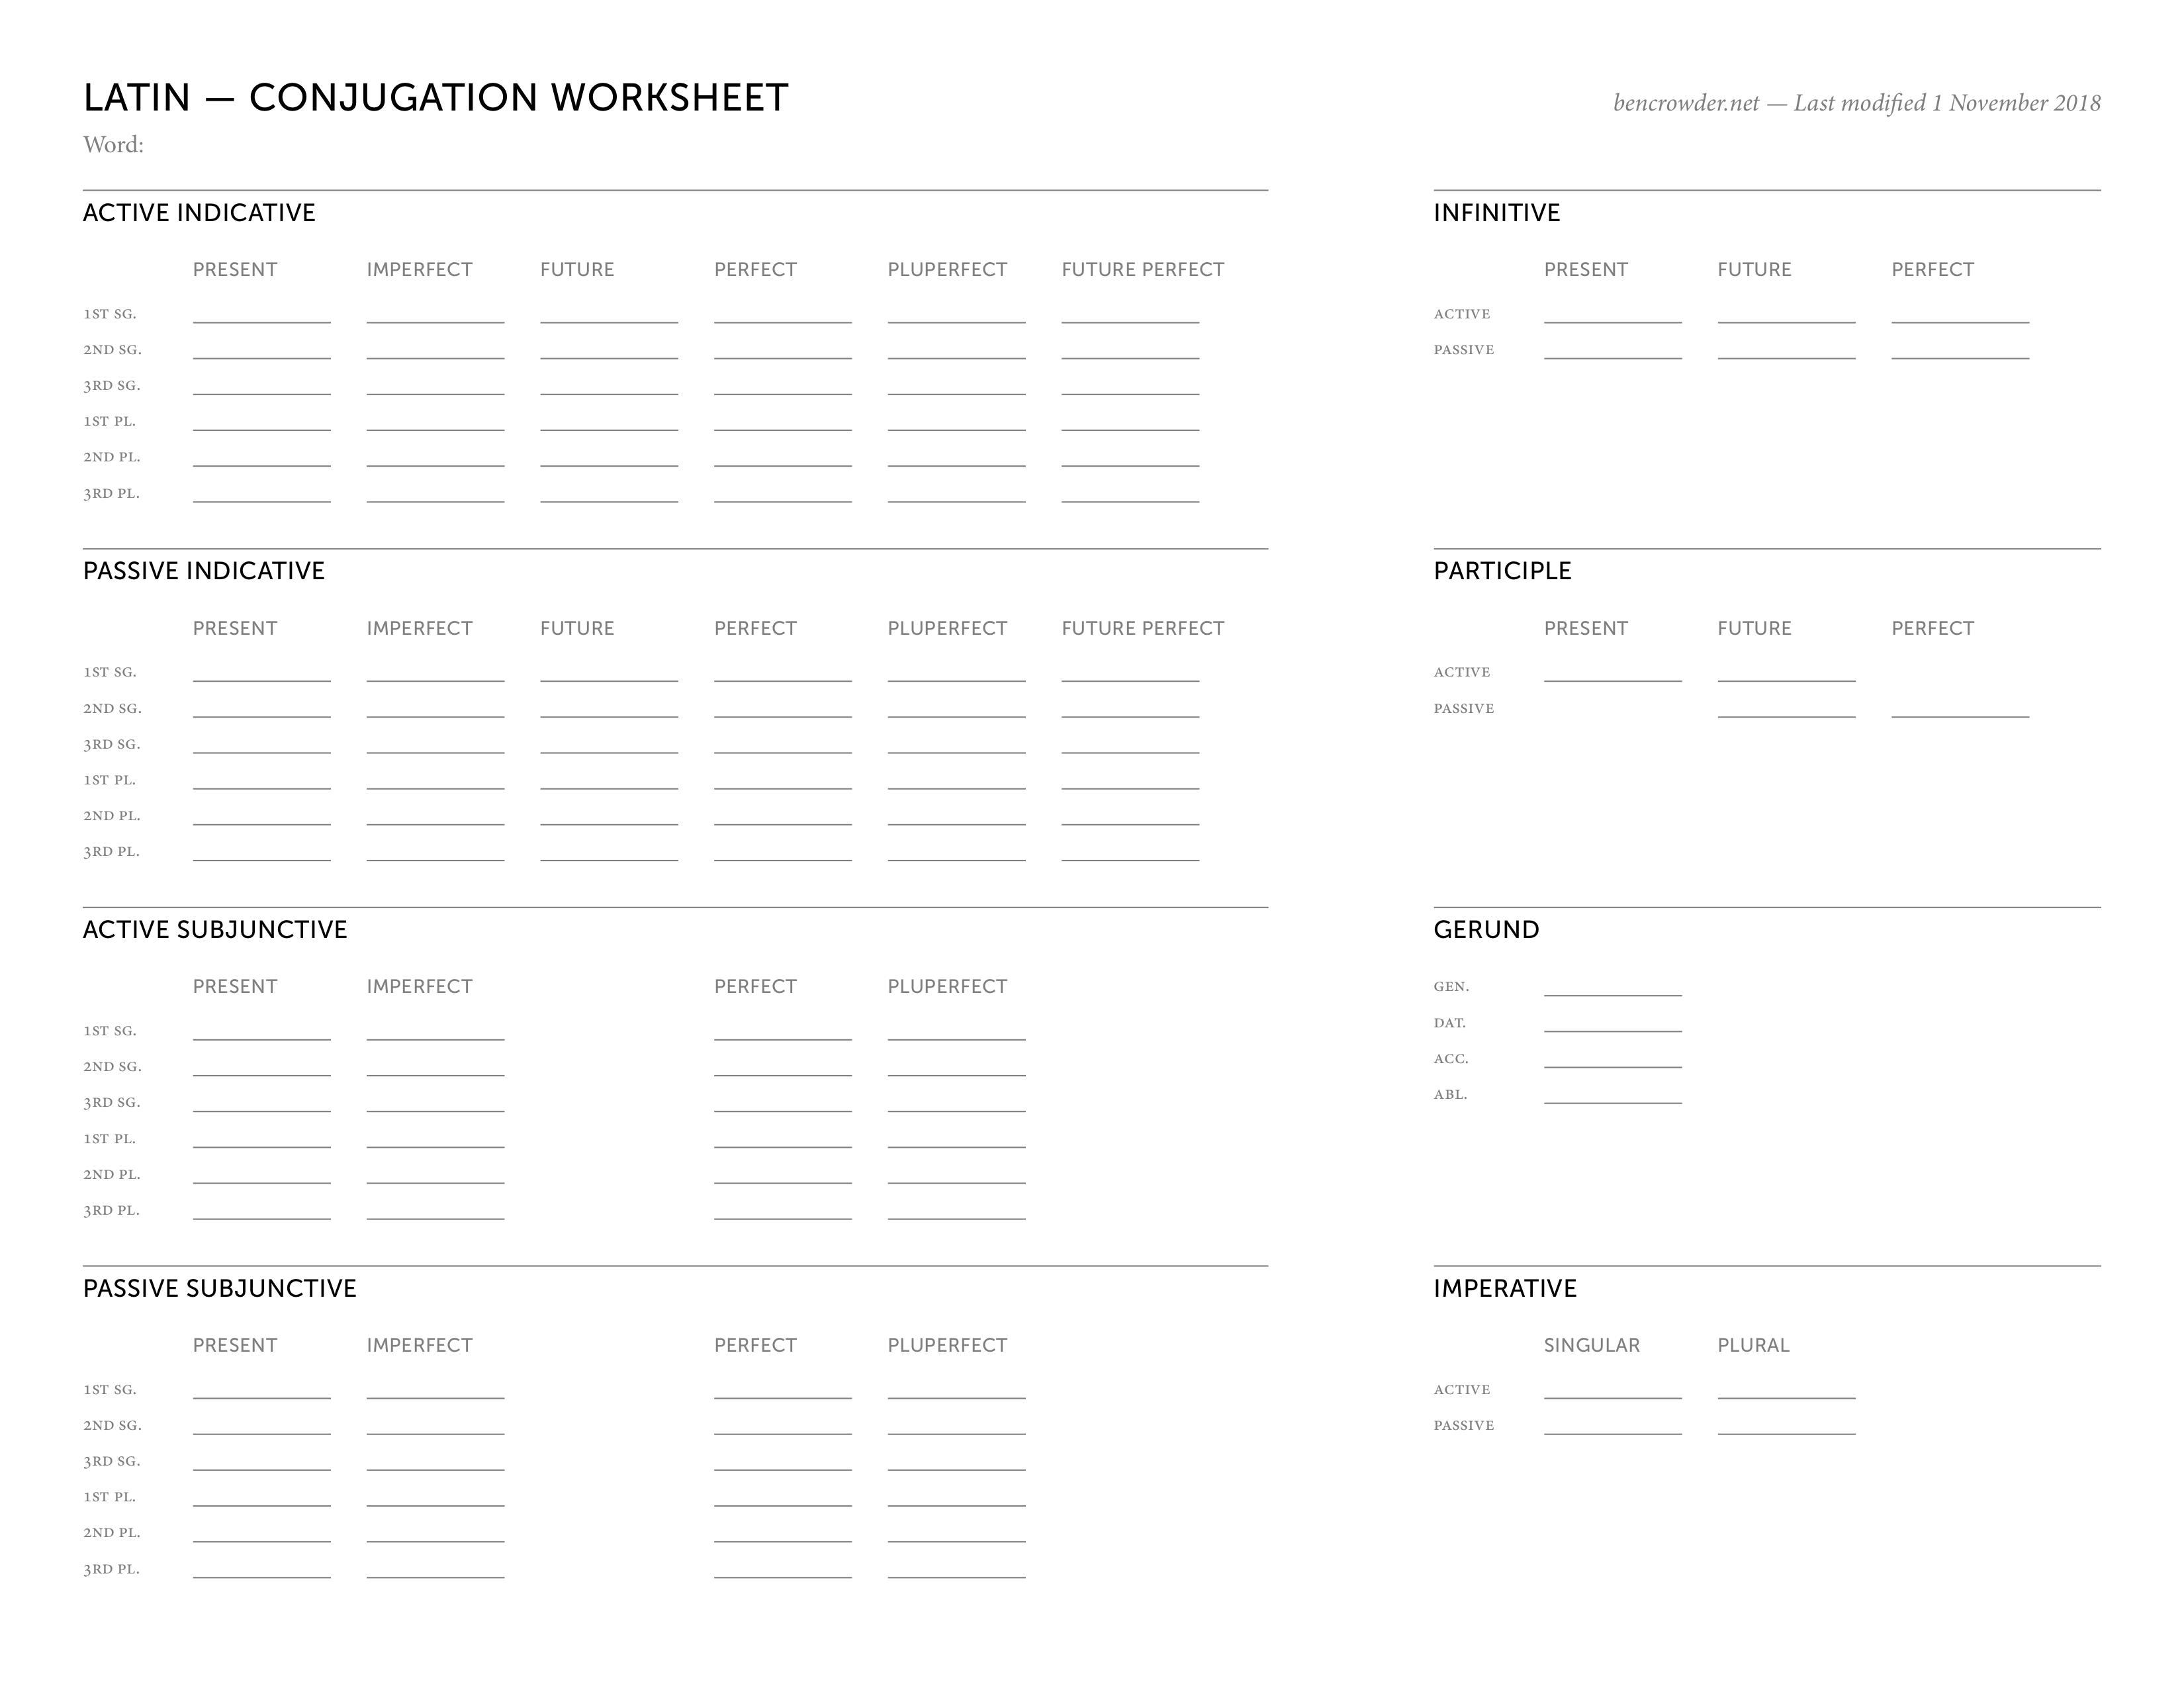 Latin Conjugation Worksheet